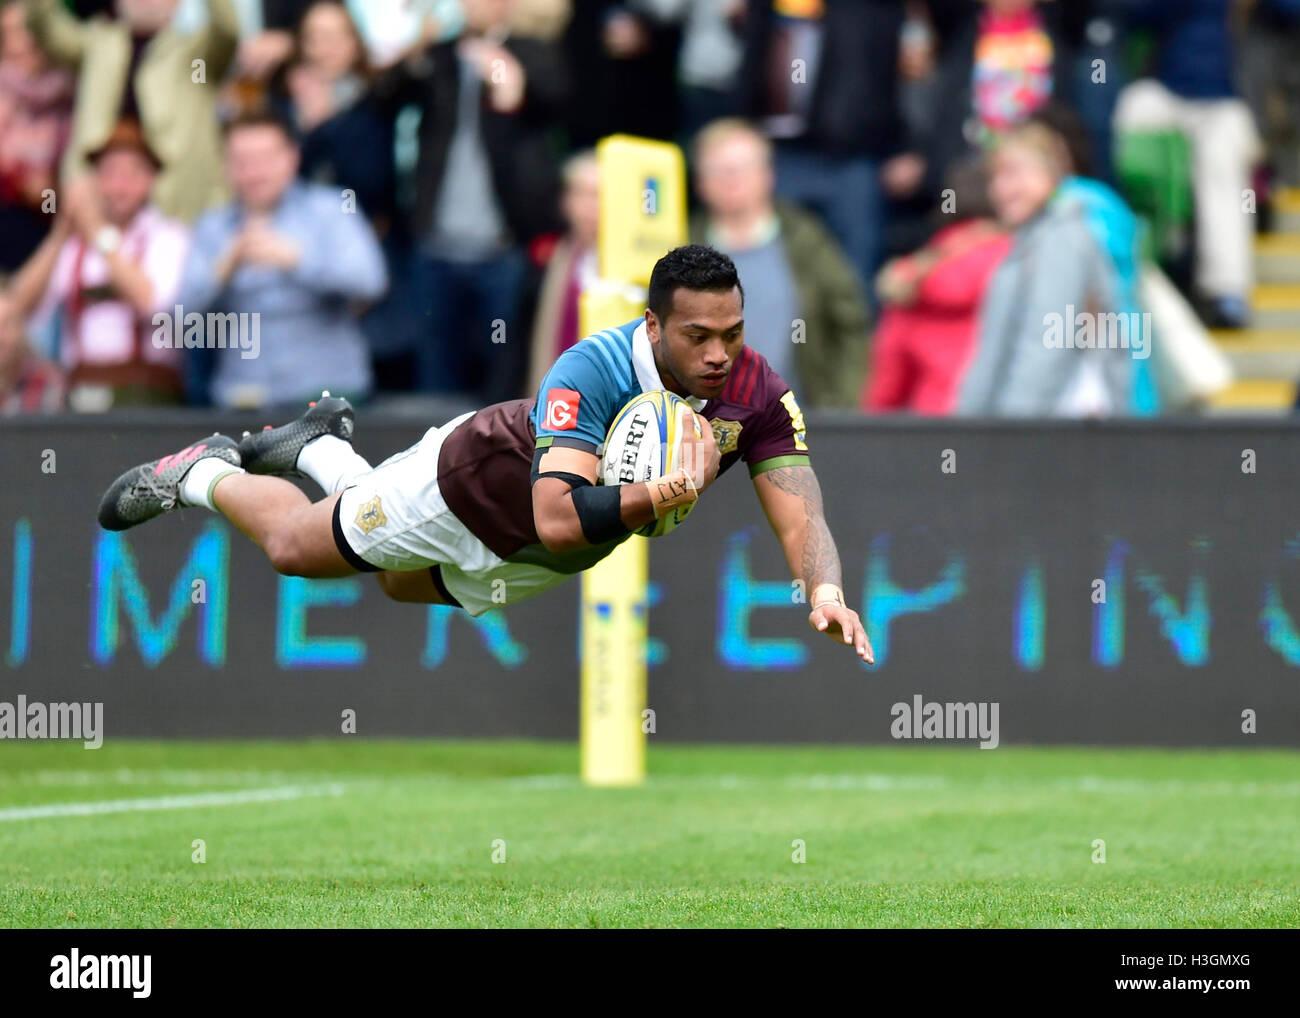 London, UK. 8. Oktober 2016.  Alofa Alofa des Harlequins erzielte einen Versuch bei Aviva Premiership Rugby-Spiel Stockfoto